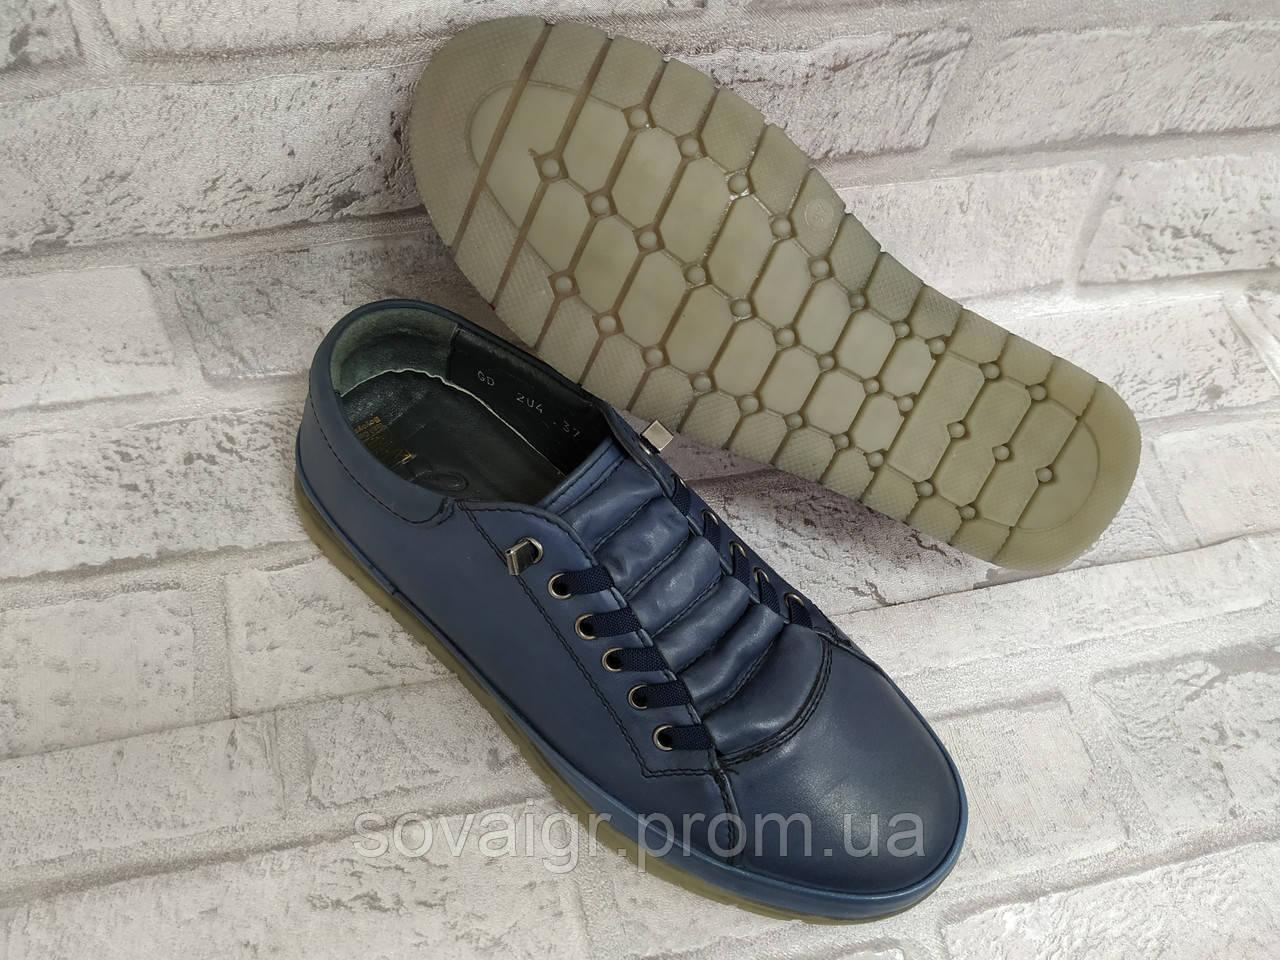 Подростковые кожаные спортивные туфли для мальчика синие G-Style